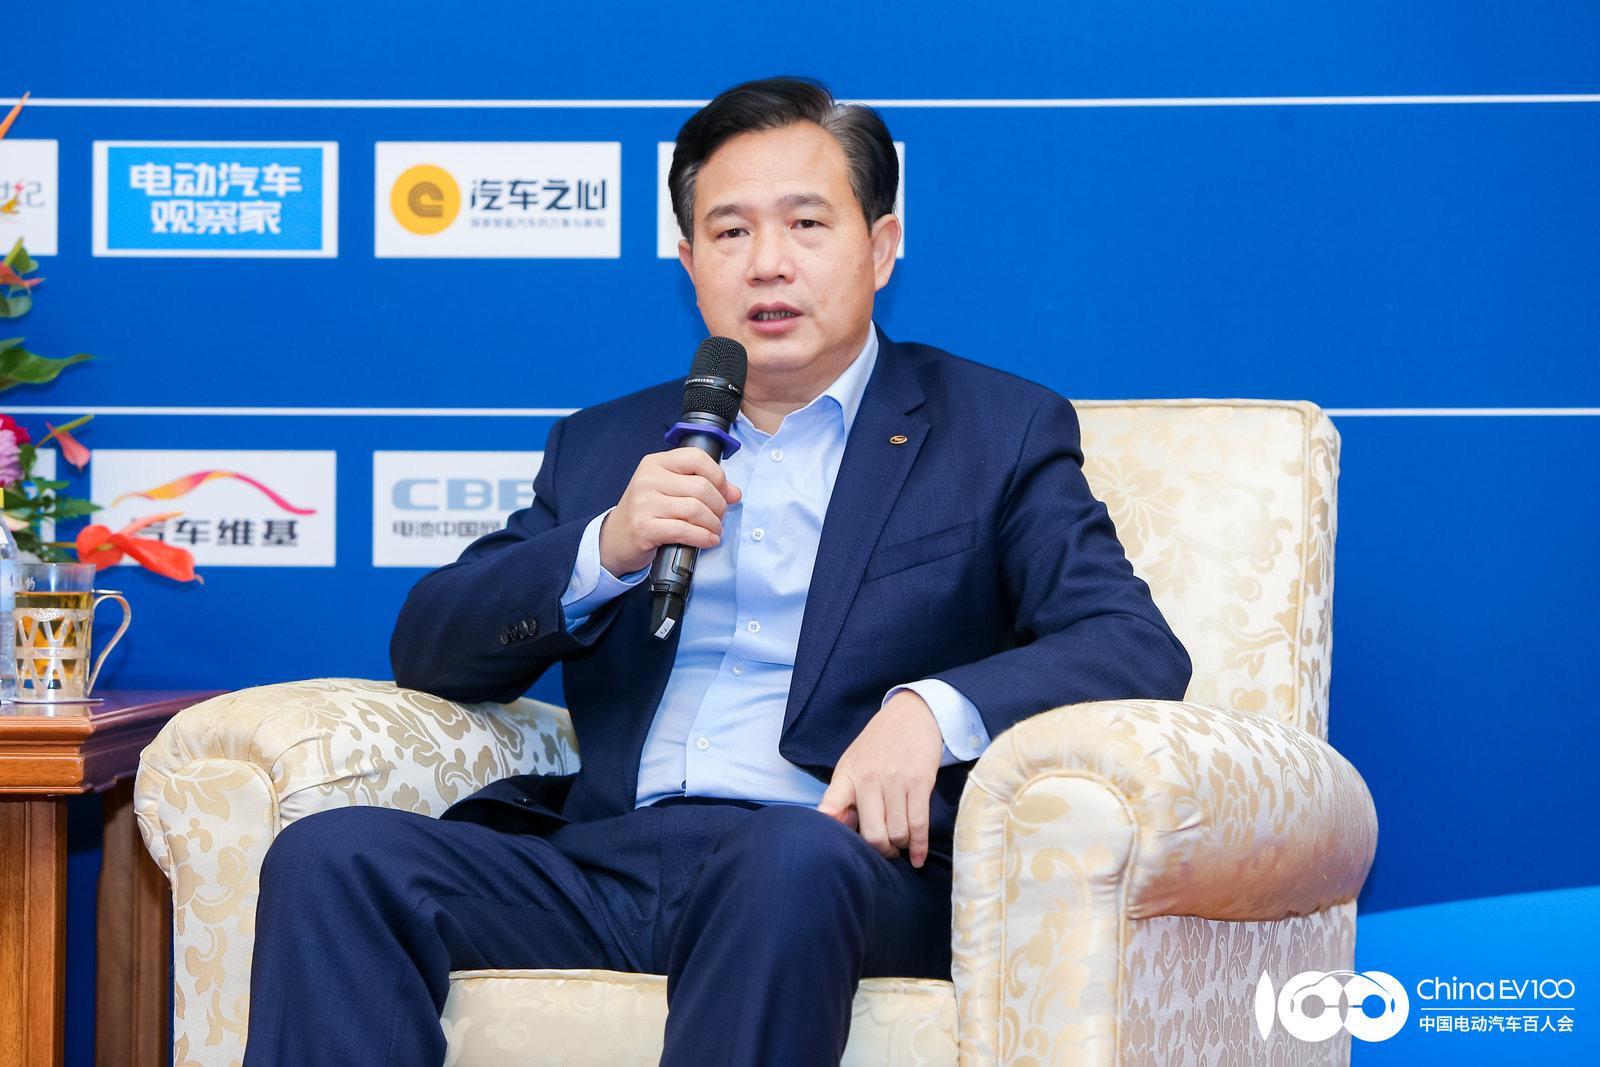 广汽埃安新能源汽车有限公司总经理古惠南